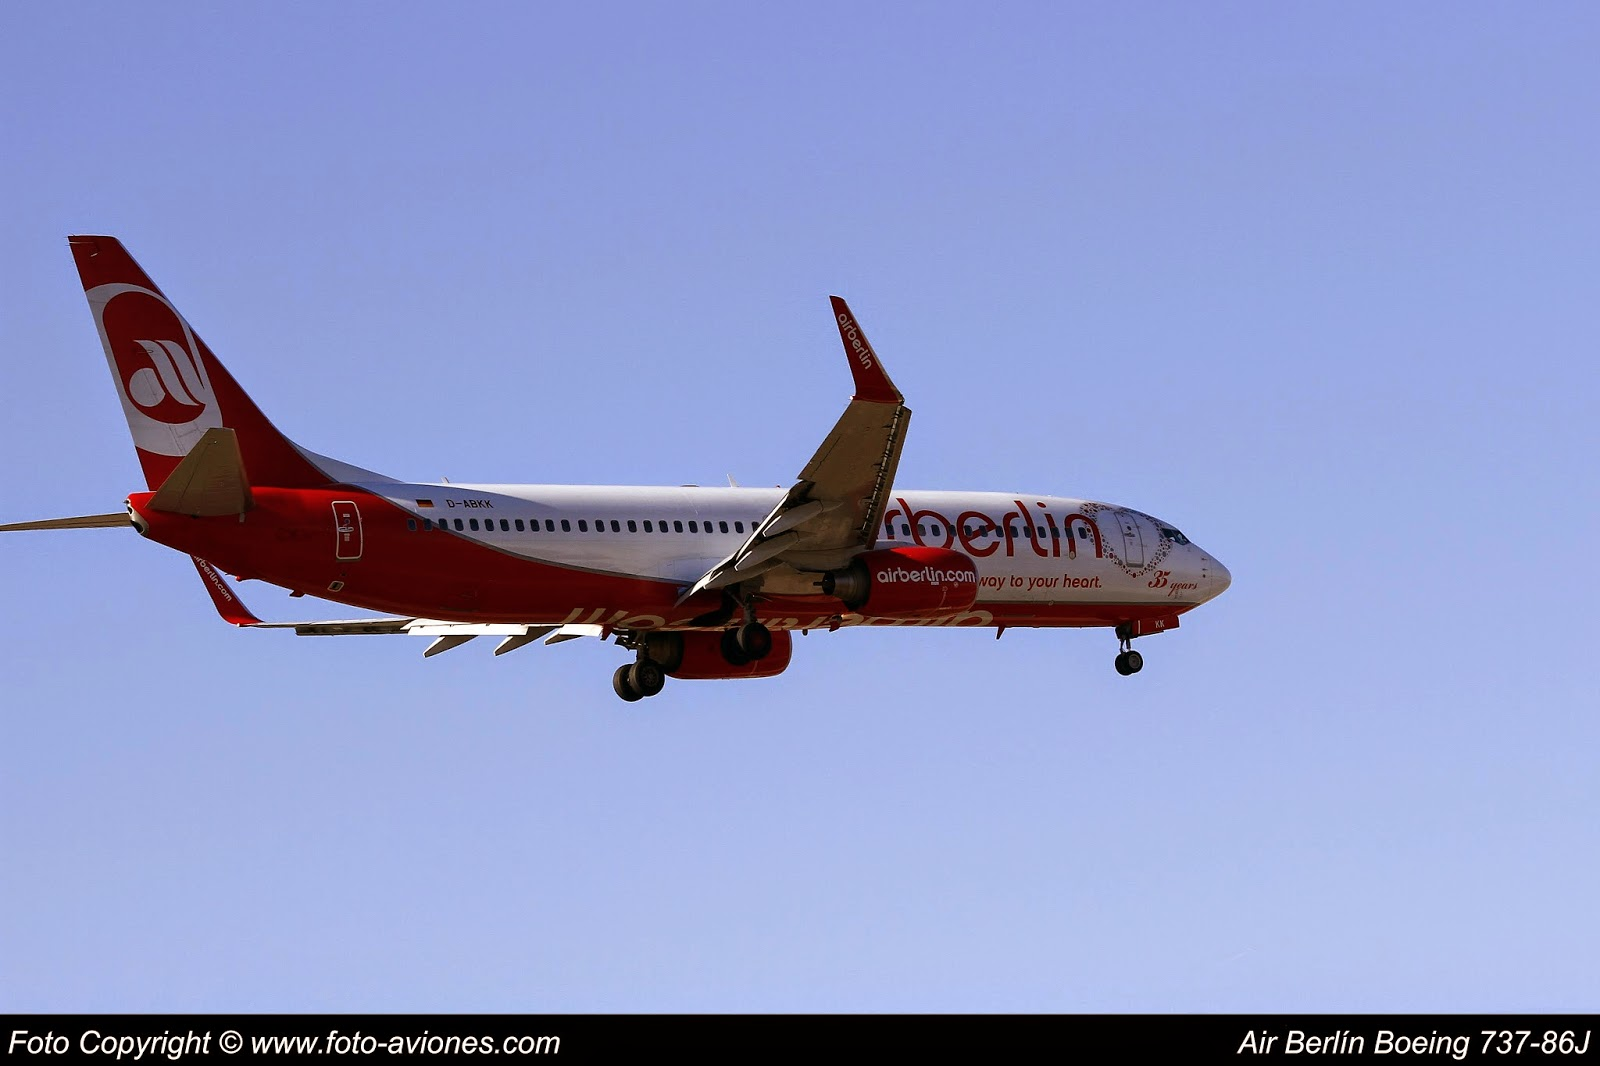 Boeing 737 / D-ABKK